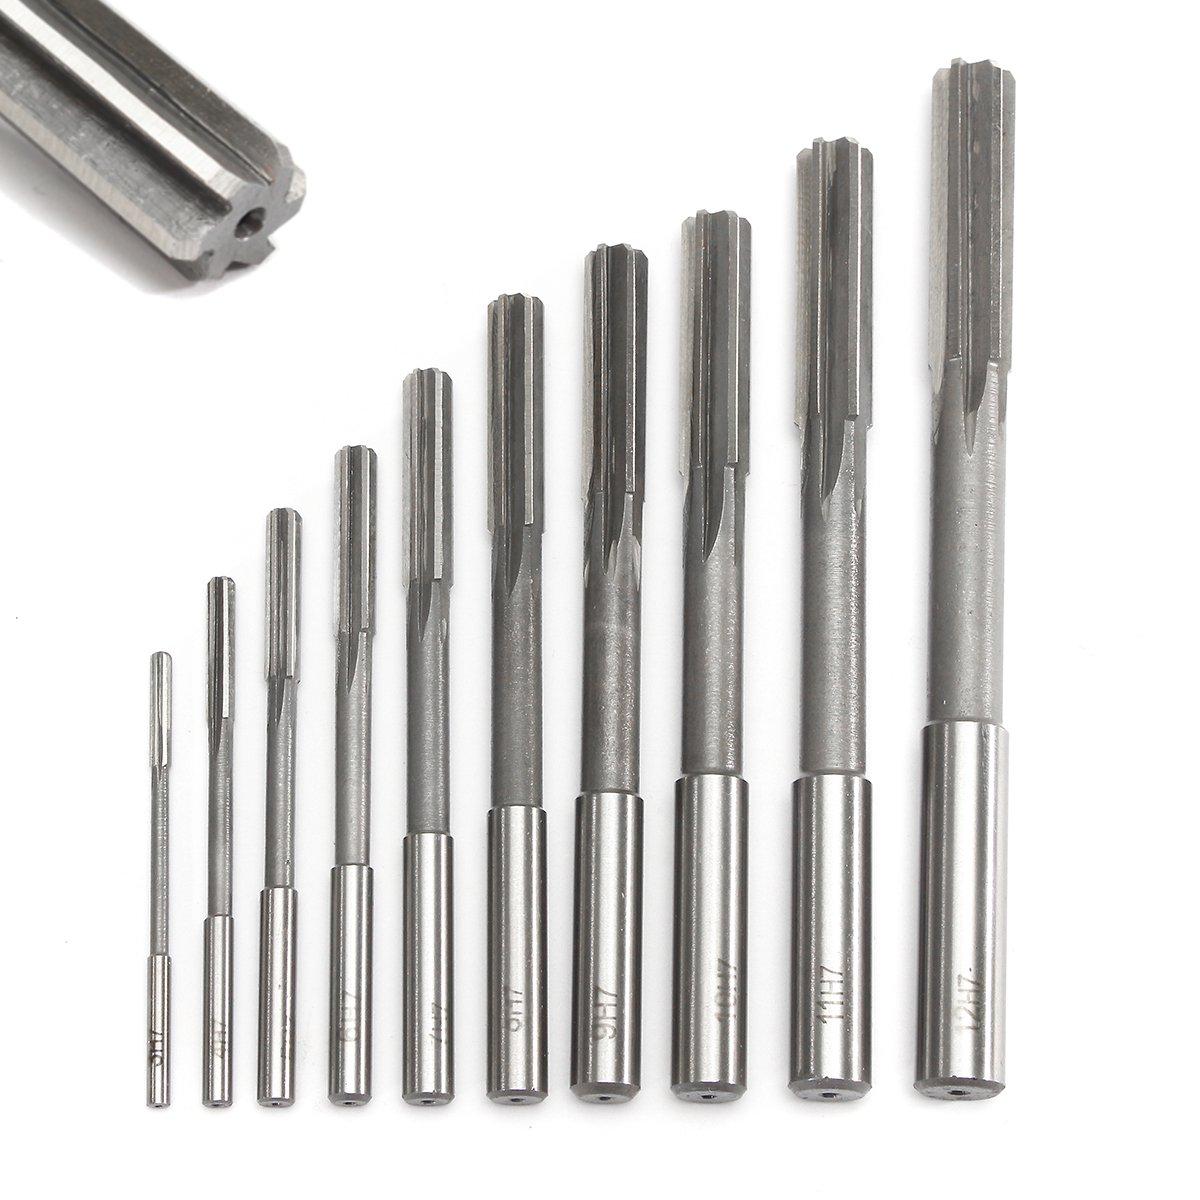 10pcs 3-12mm H7 Reamer HSS Straight Shank Chucking Sharp Machine Milling Cutter